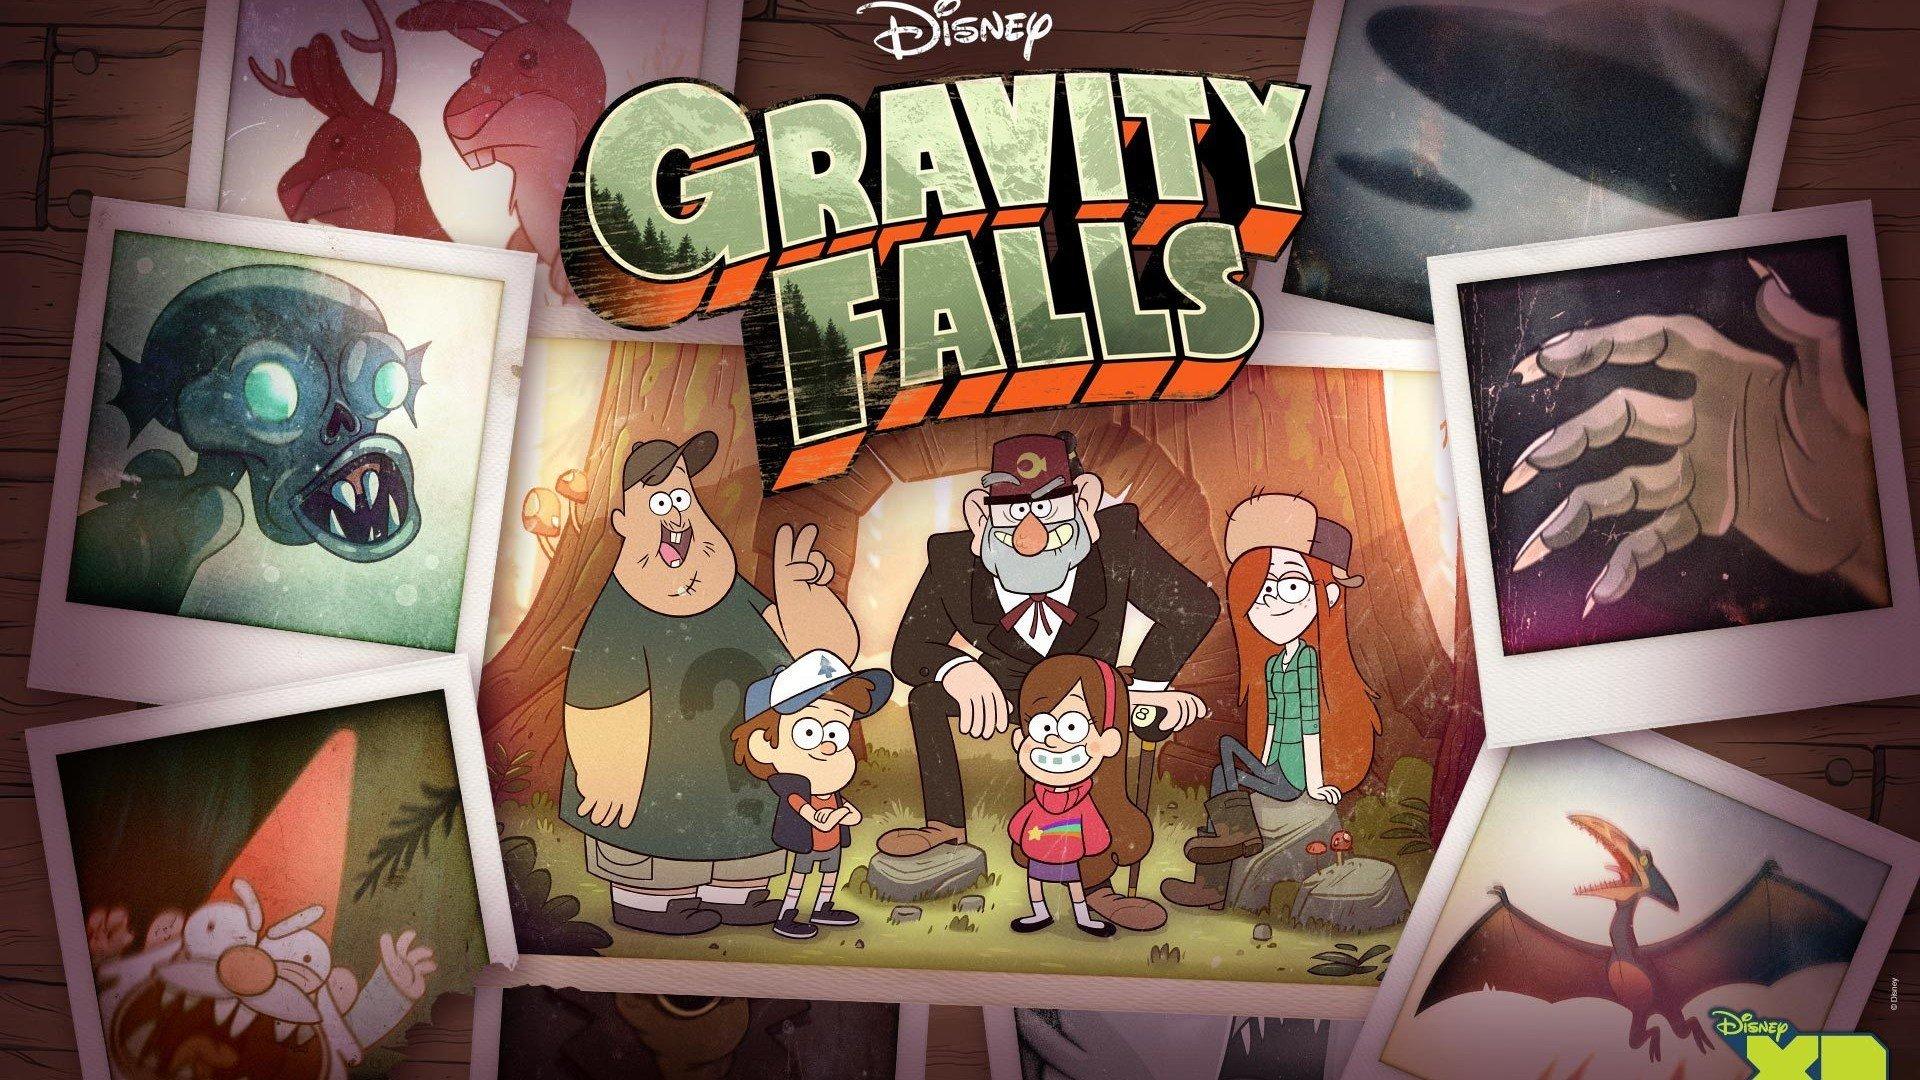 Gravity Falls Wallpaper Phone Hd Gravity Falls Hd Wallpapers Desktop And Mobile Images